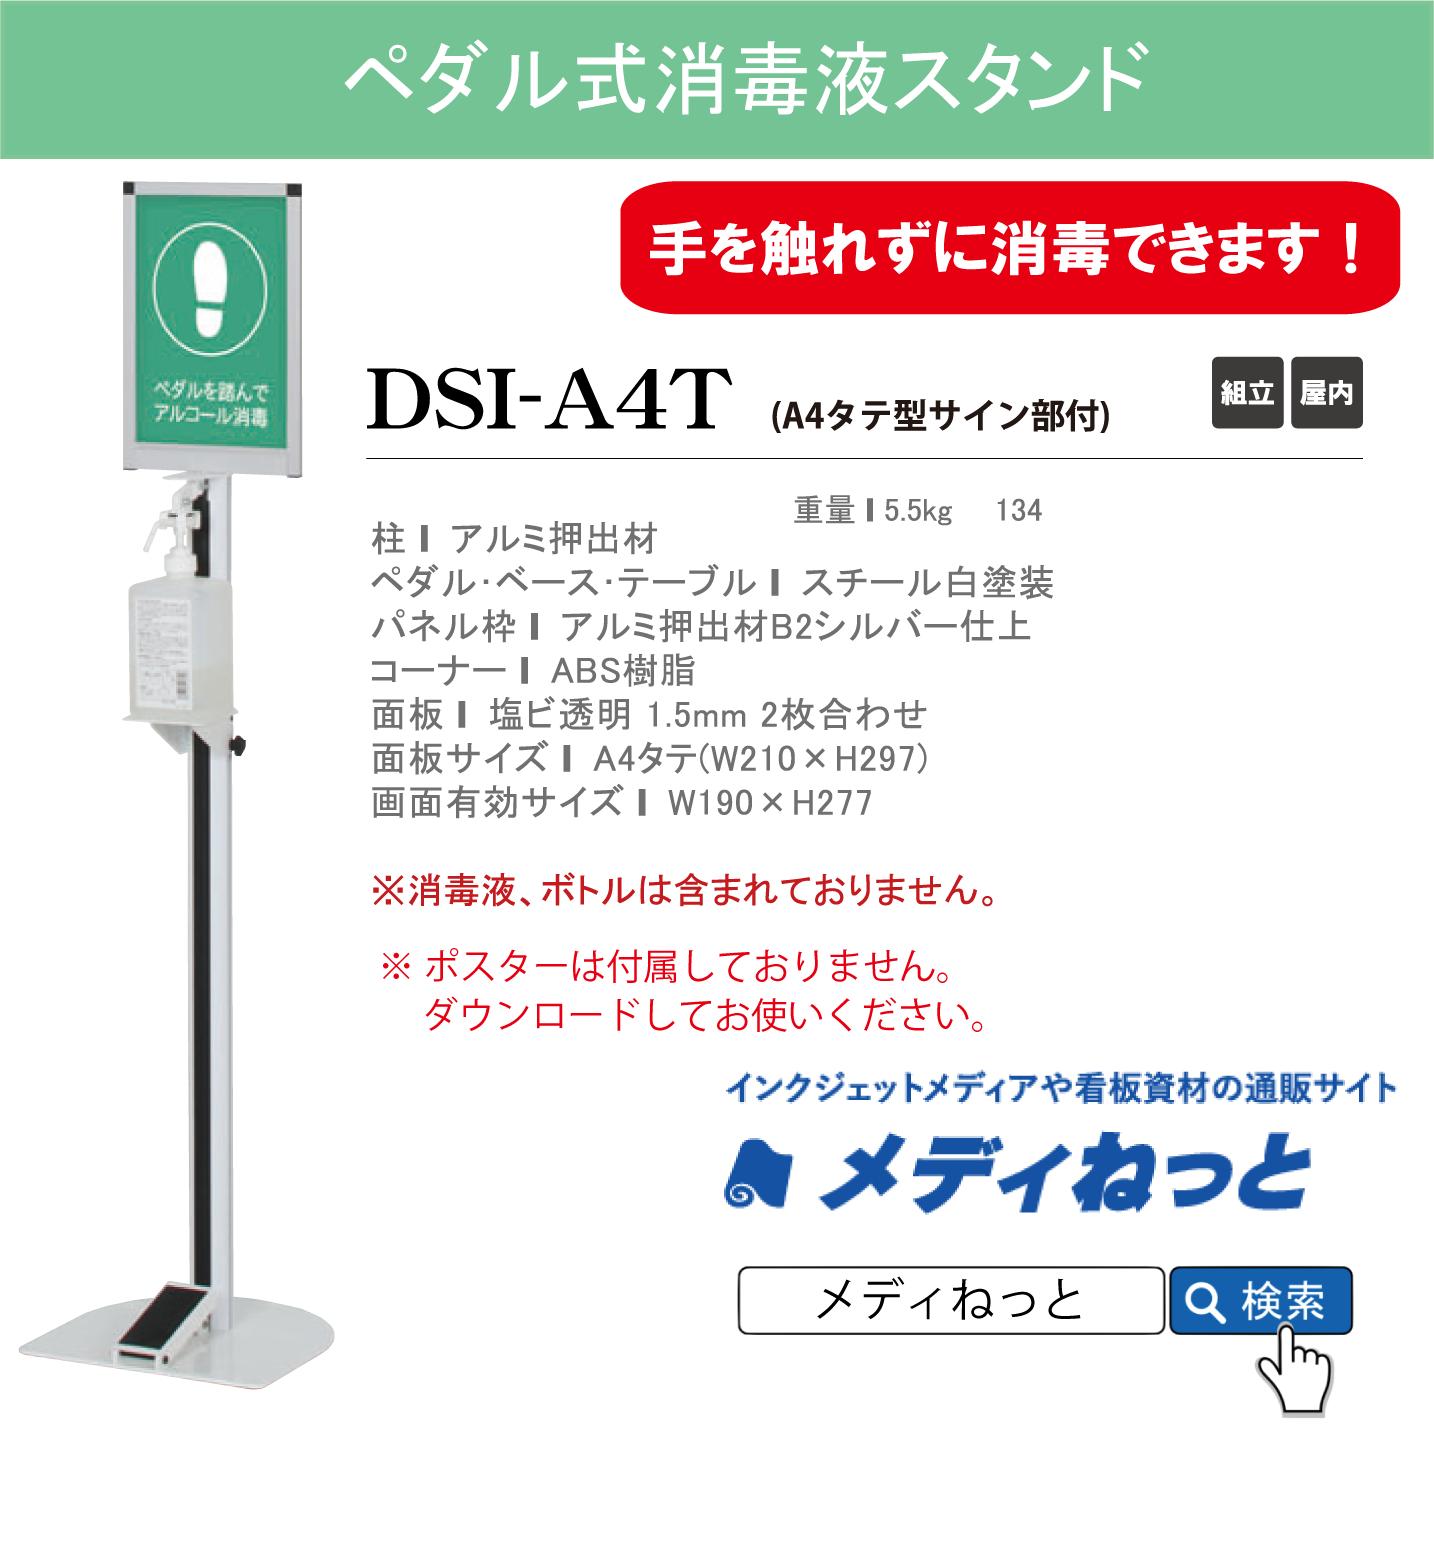 【ペダル式アルコール消毒液スタンド】DSI-A4T A4タテ